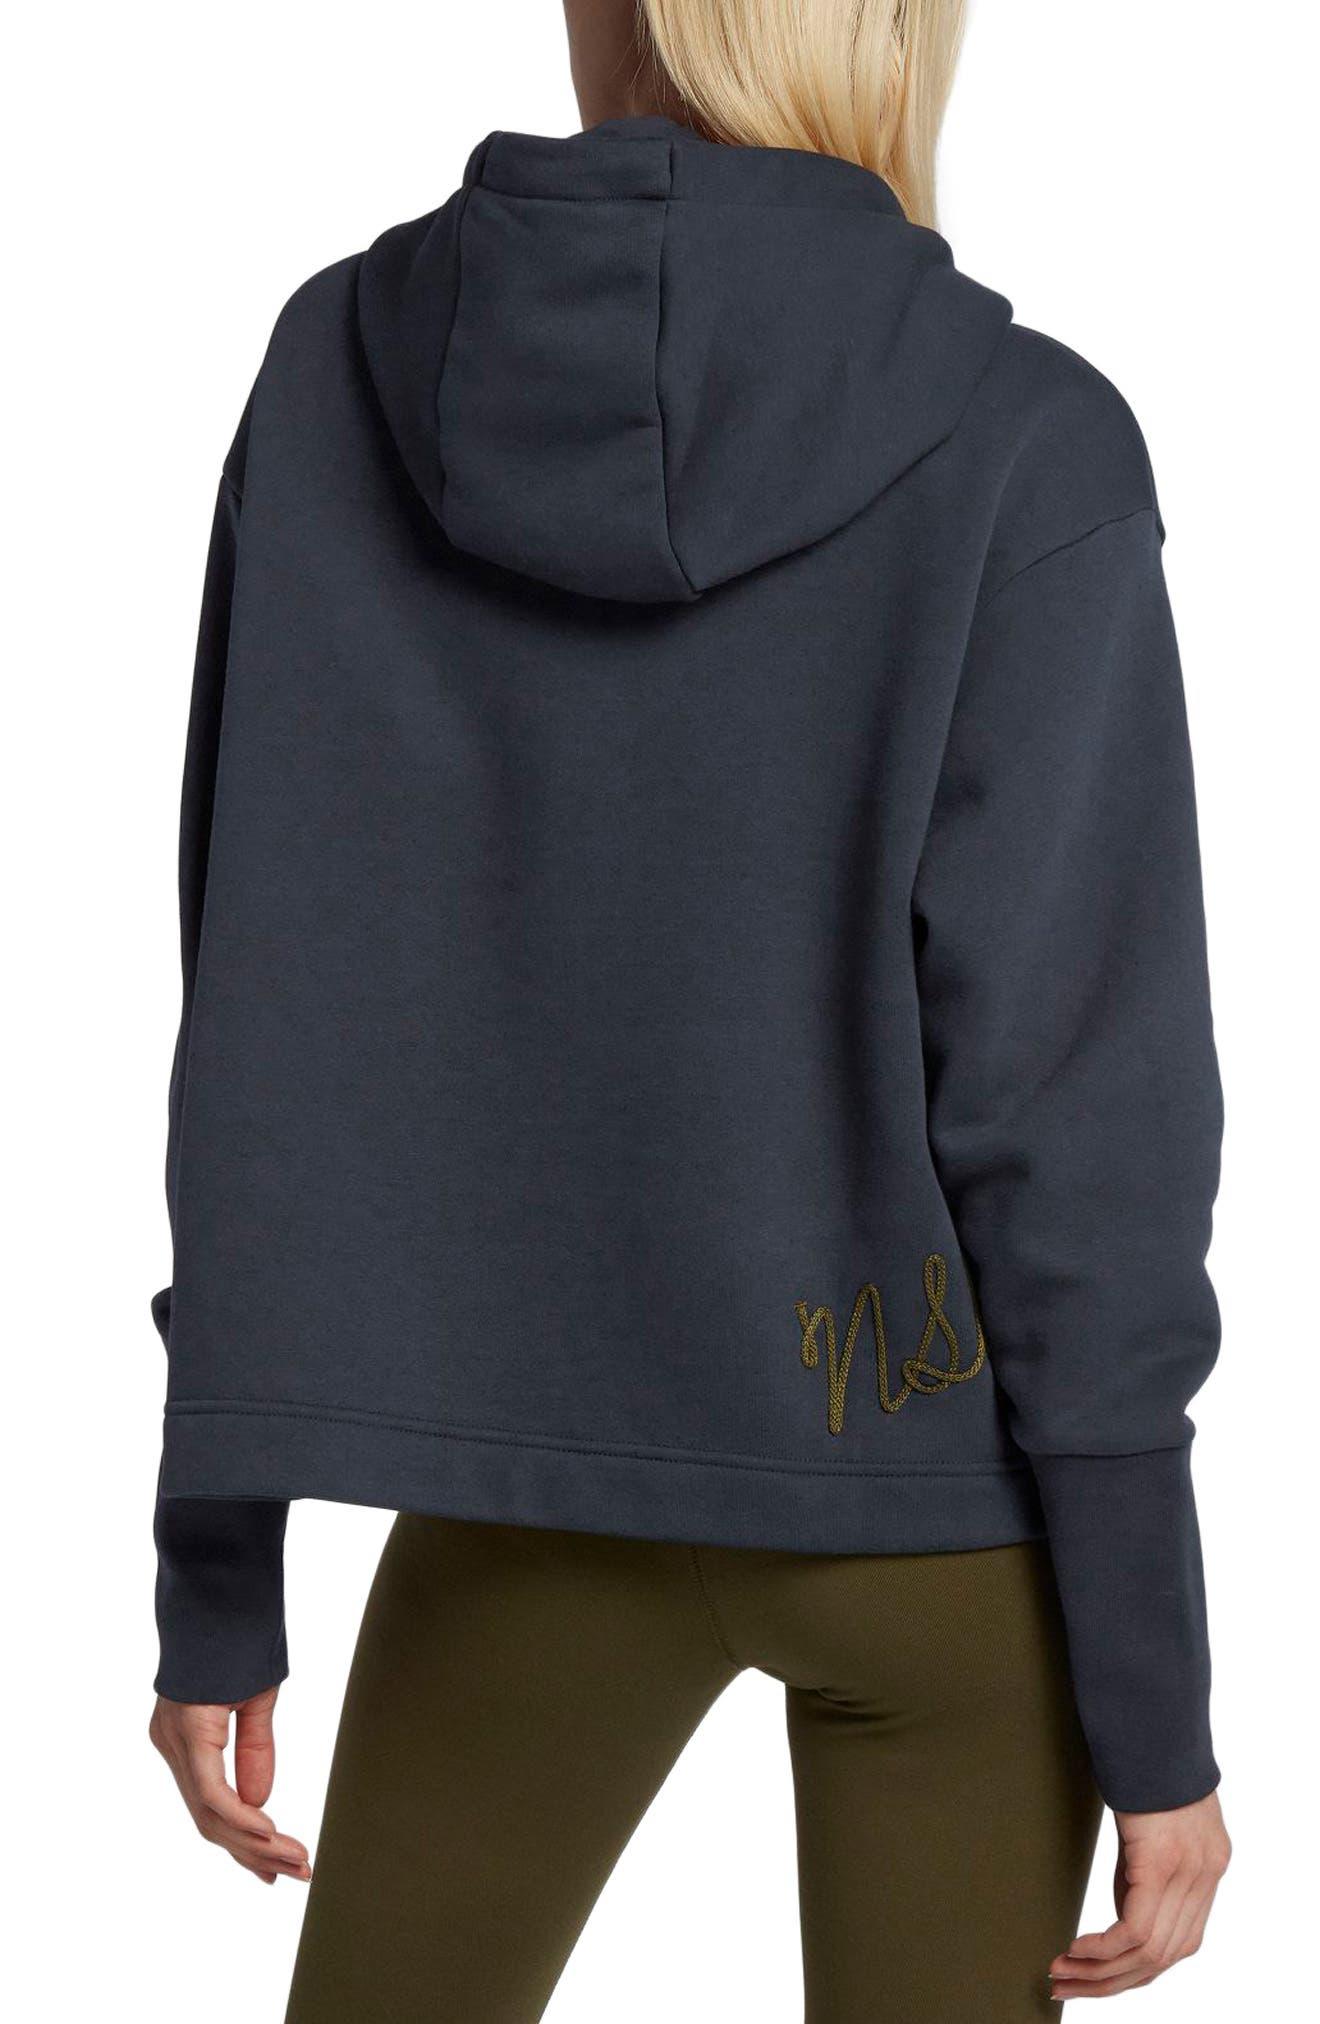 NIKE,                             Sportswear NSW Women's Fleece Hoodie,                             Alternate thumbnail 2, color,                             DARK OBSIDIAN/ OLIVE